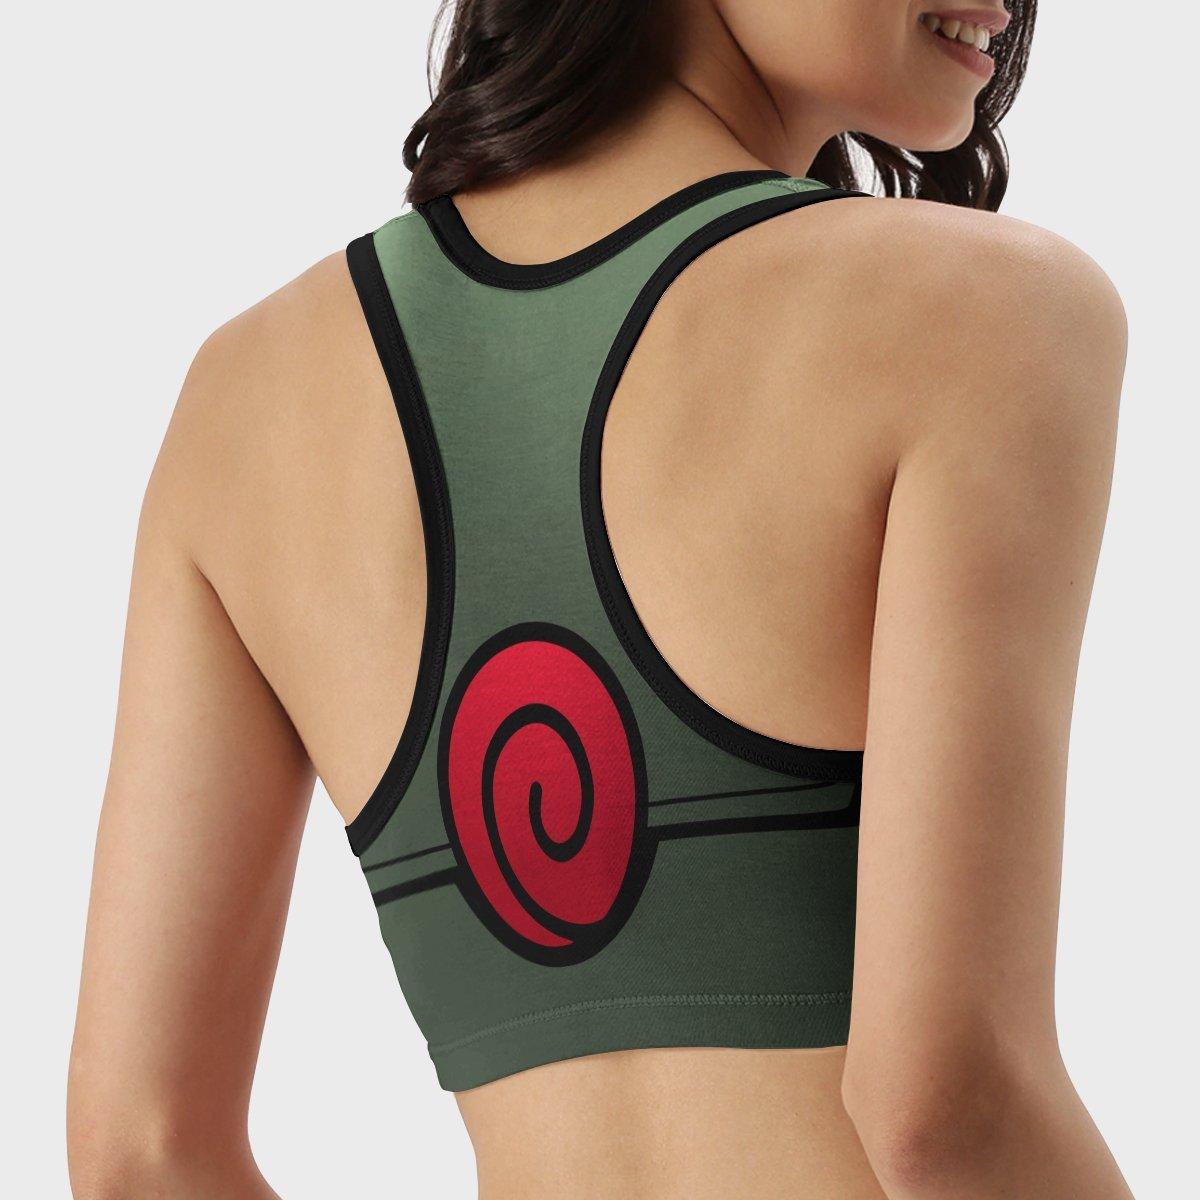 kakashi active wear set 626755 - Anime Swimsuits